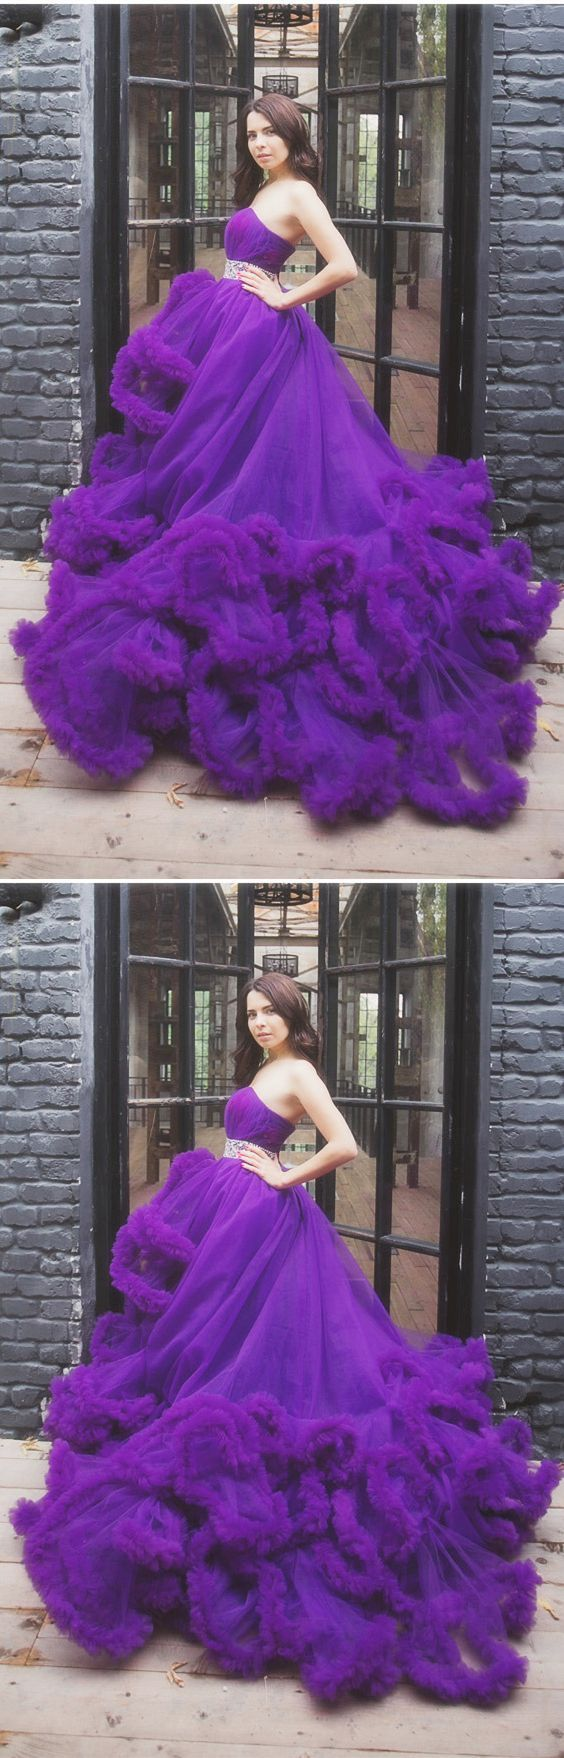 PATRIZIA AZZI - Zapatillas de estar por casa de Piel para mujer violeta burdeos 37 violeta Size: 37 clAOuVNpt